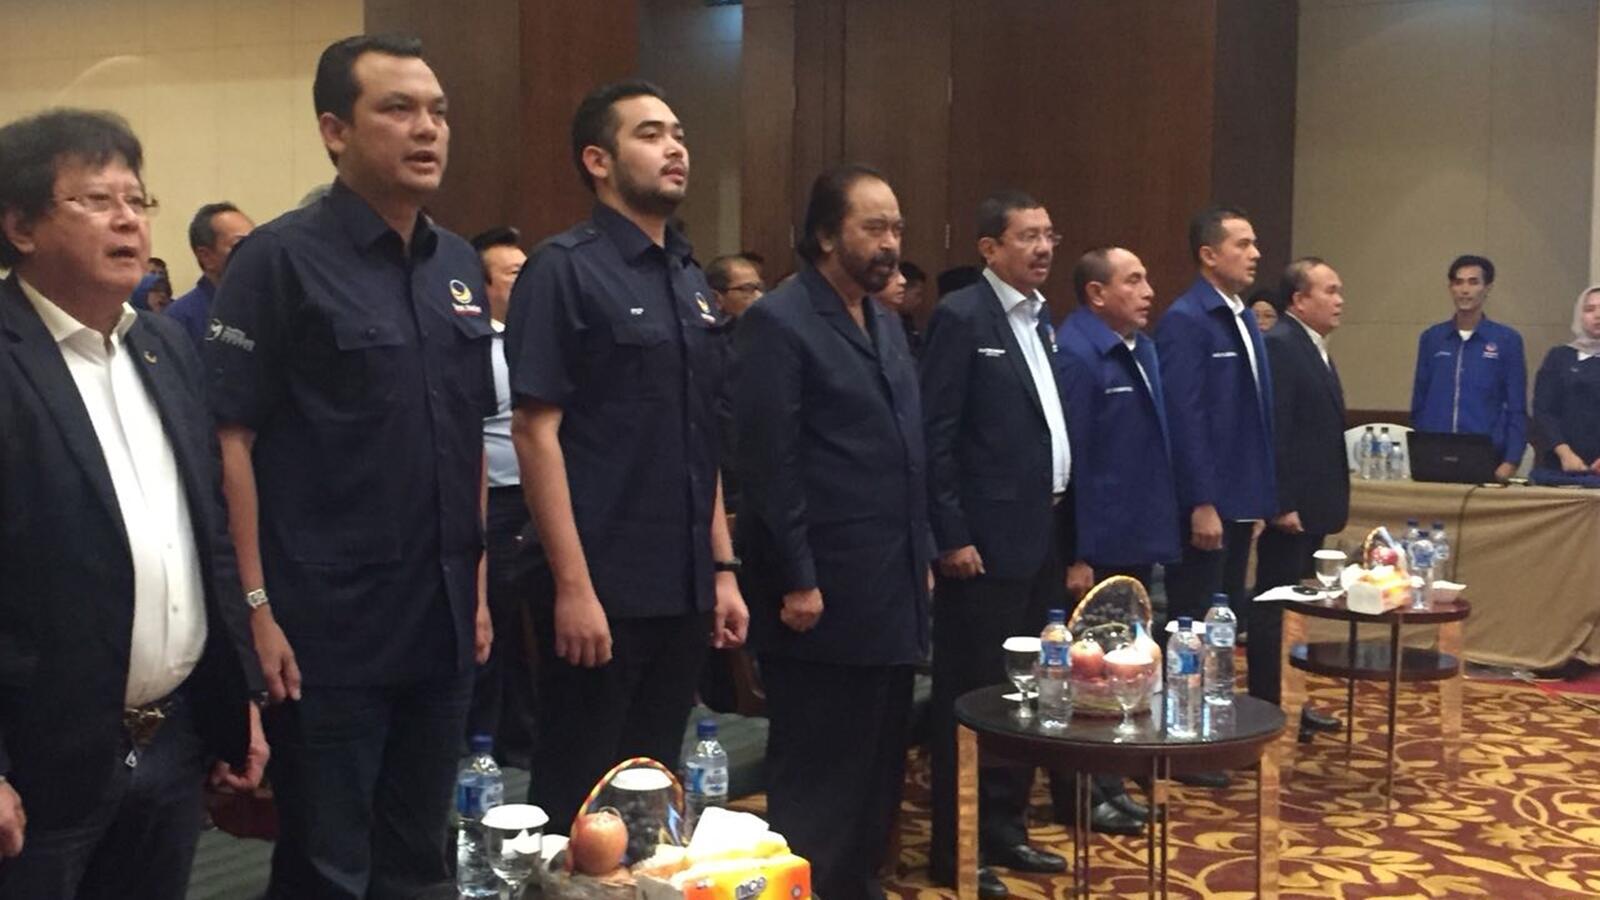 Surya Paloh hingga Edy Rahmayadi Hadiri Rakorwil NasDem di Medan